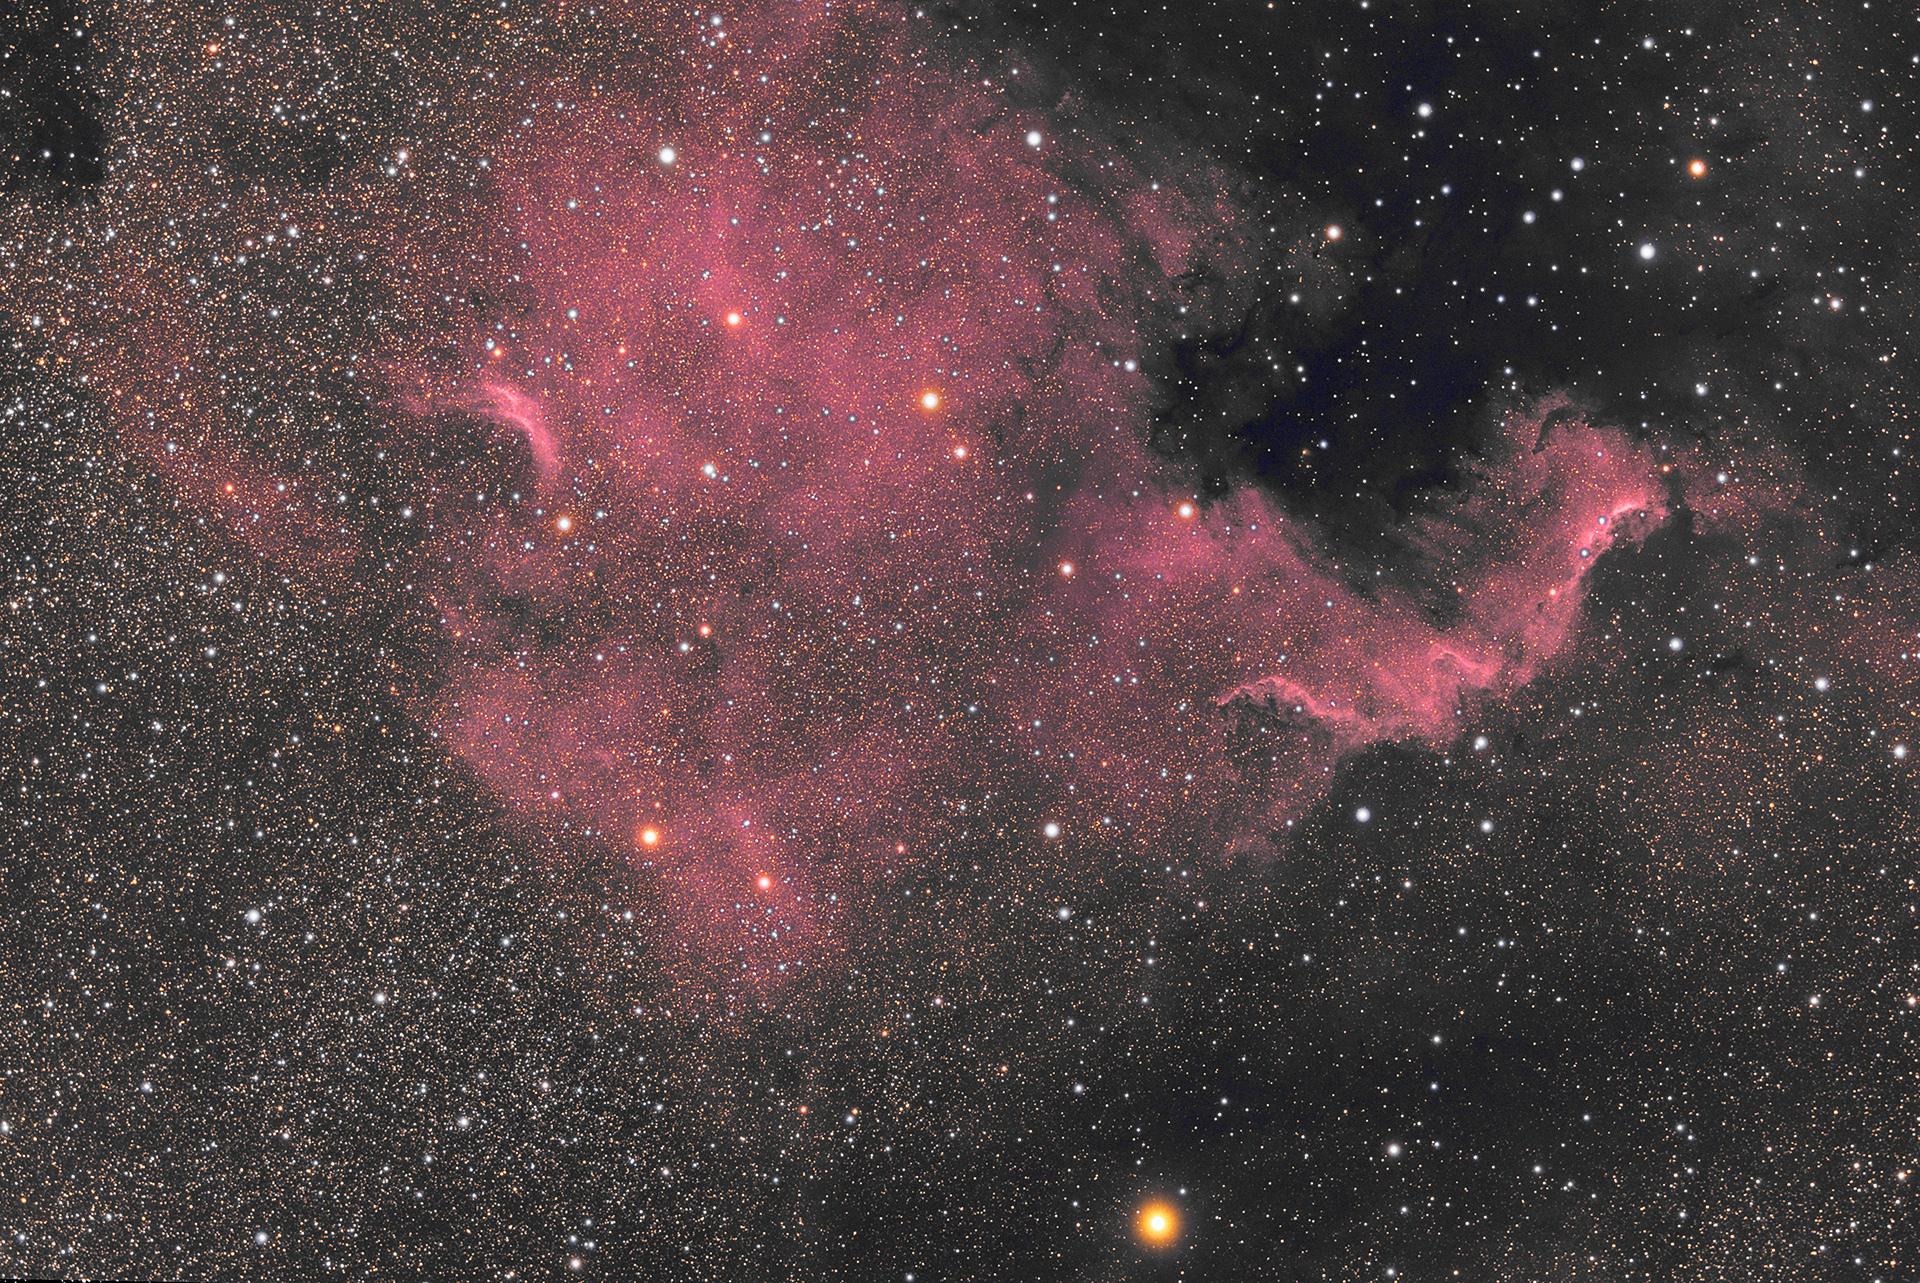 5d7740195d0ac_NGC700006-08-2019PW.jpg.3dca419034d7169b9279a5b007528e74.jpg